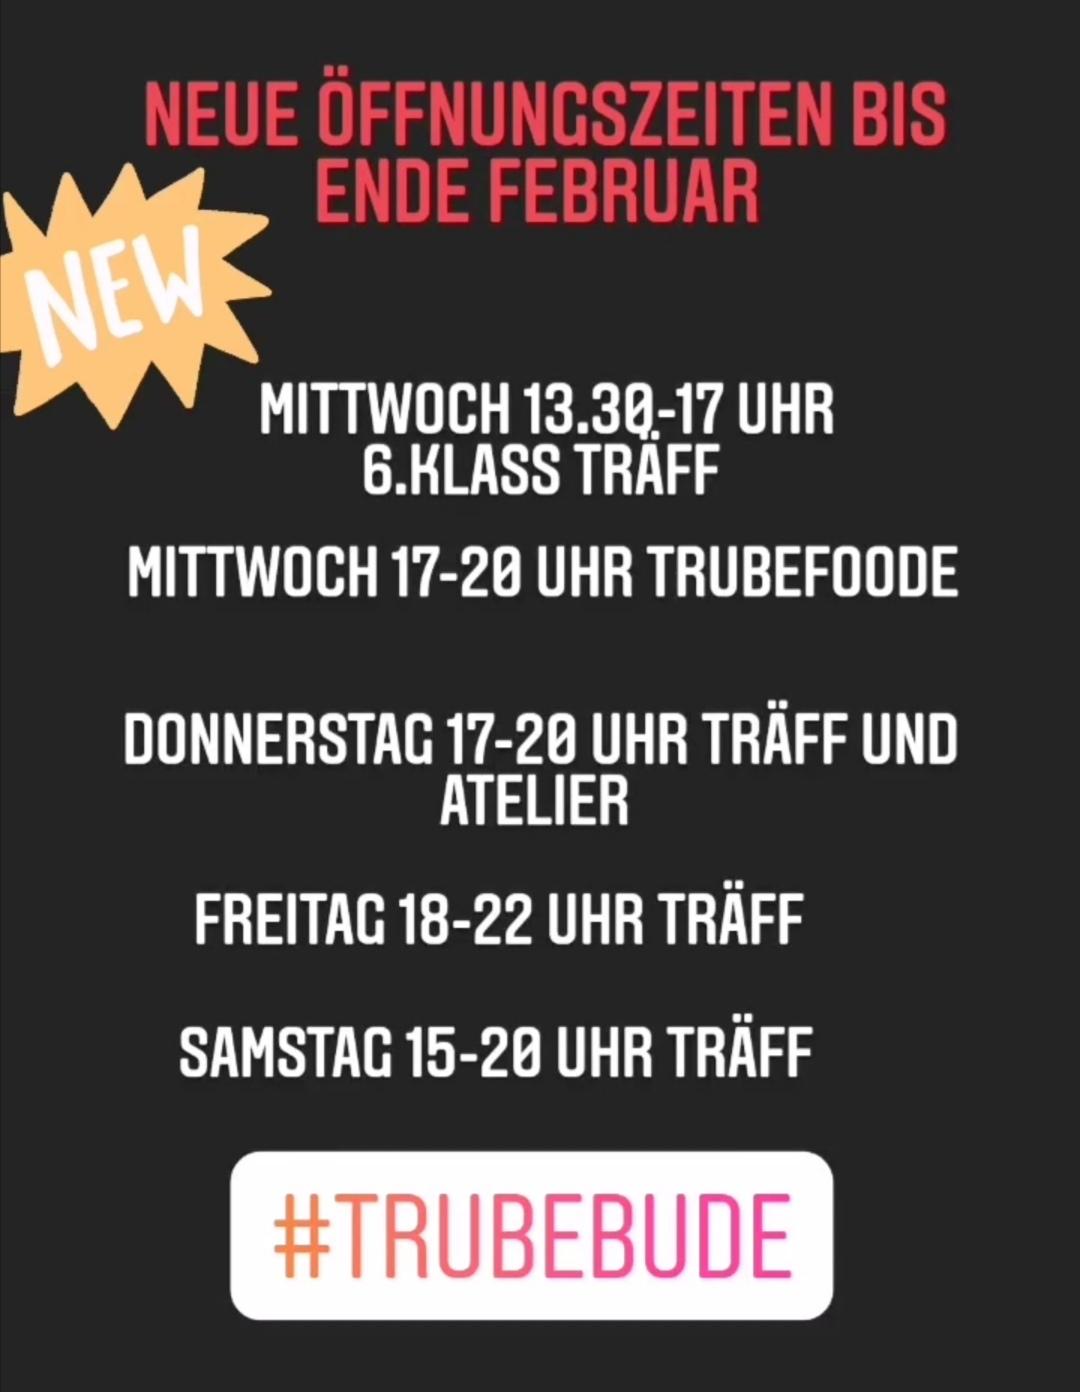 Neue Öffnungszeiten Januar und Februar!